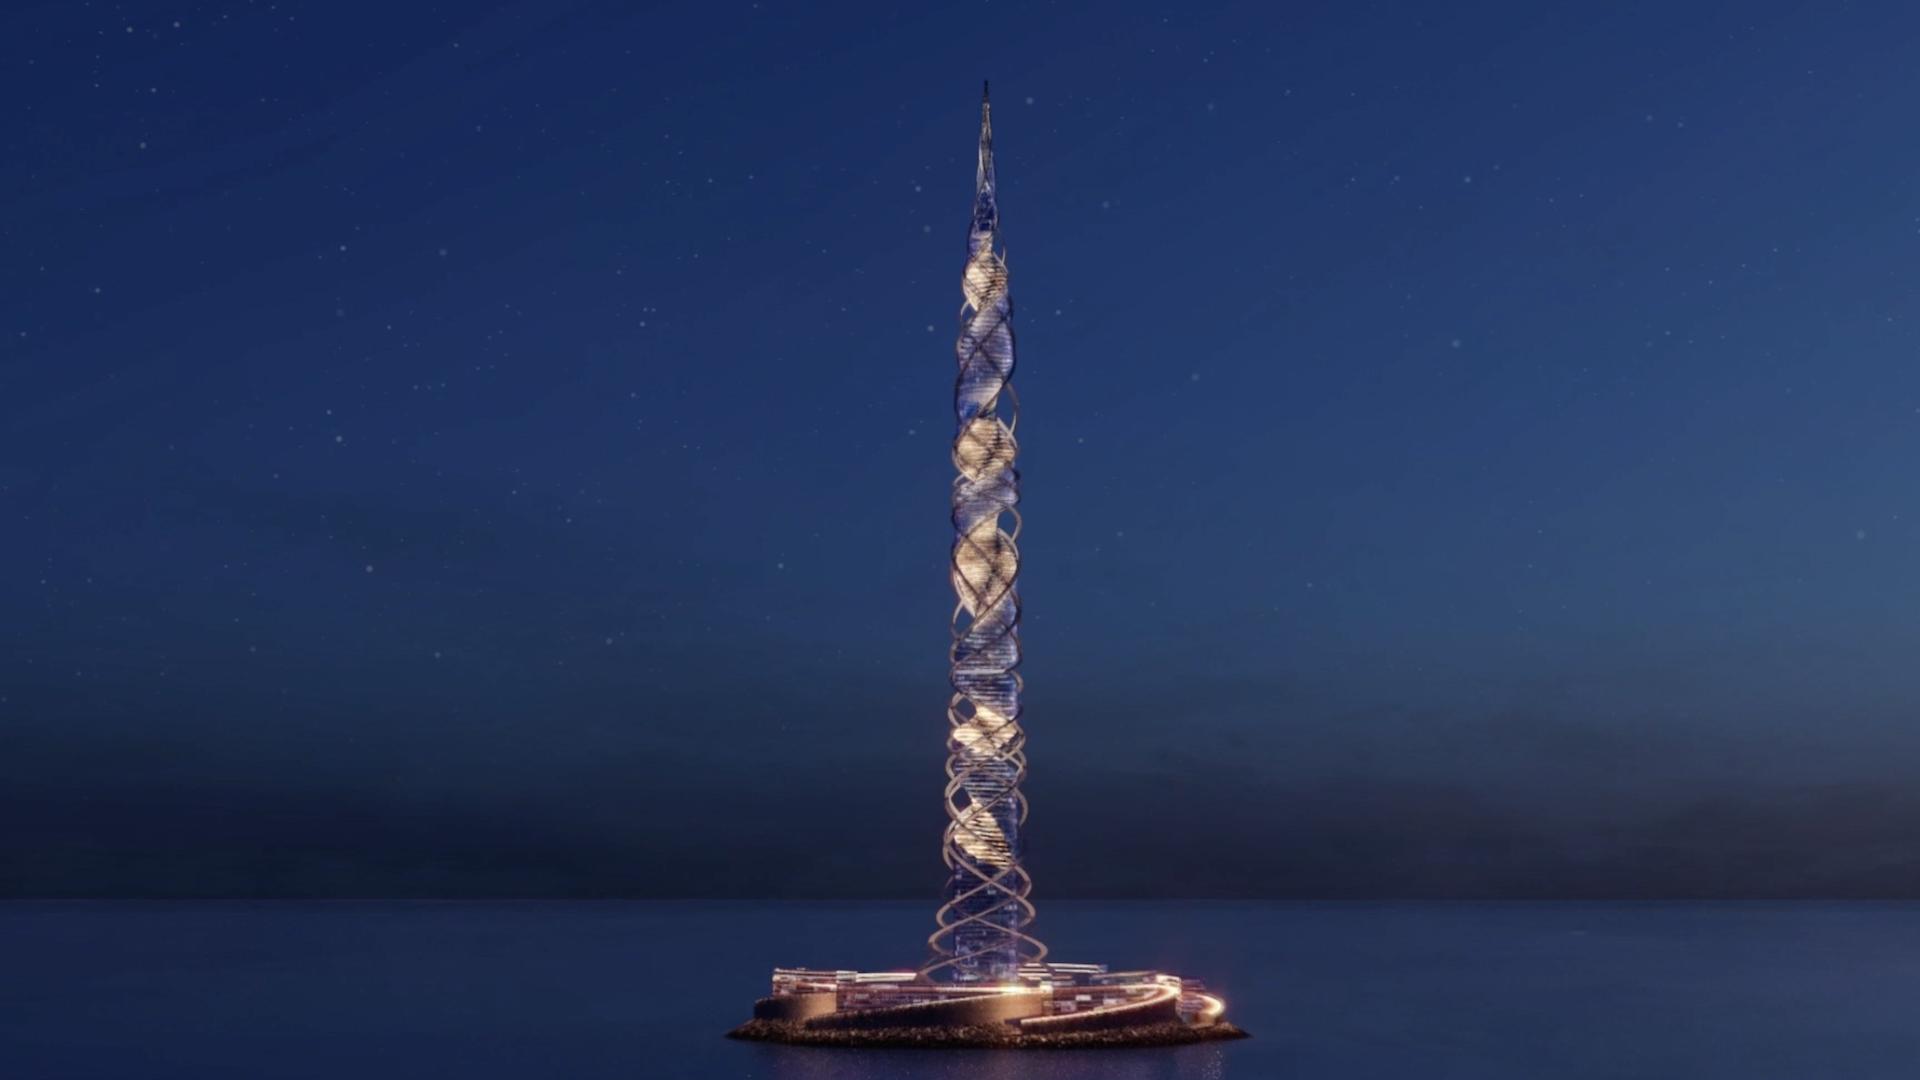 Este será el segundo rascacielos más alto del mundo: Lakhta Center II